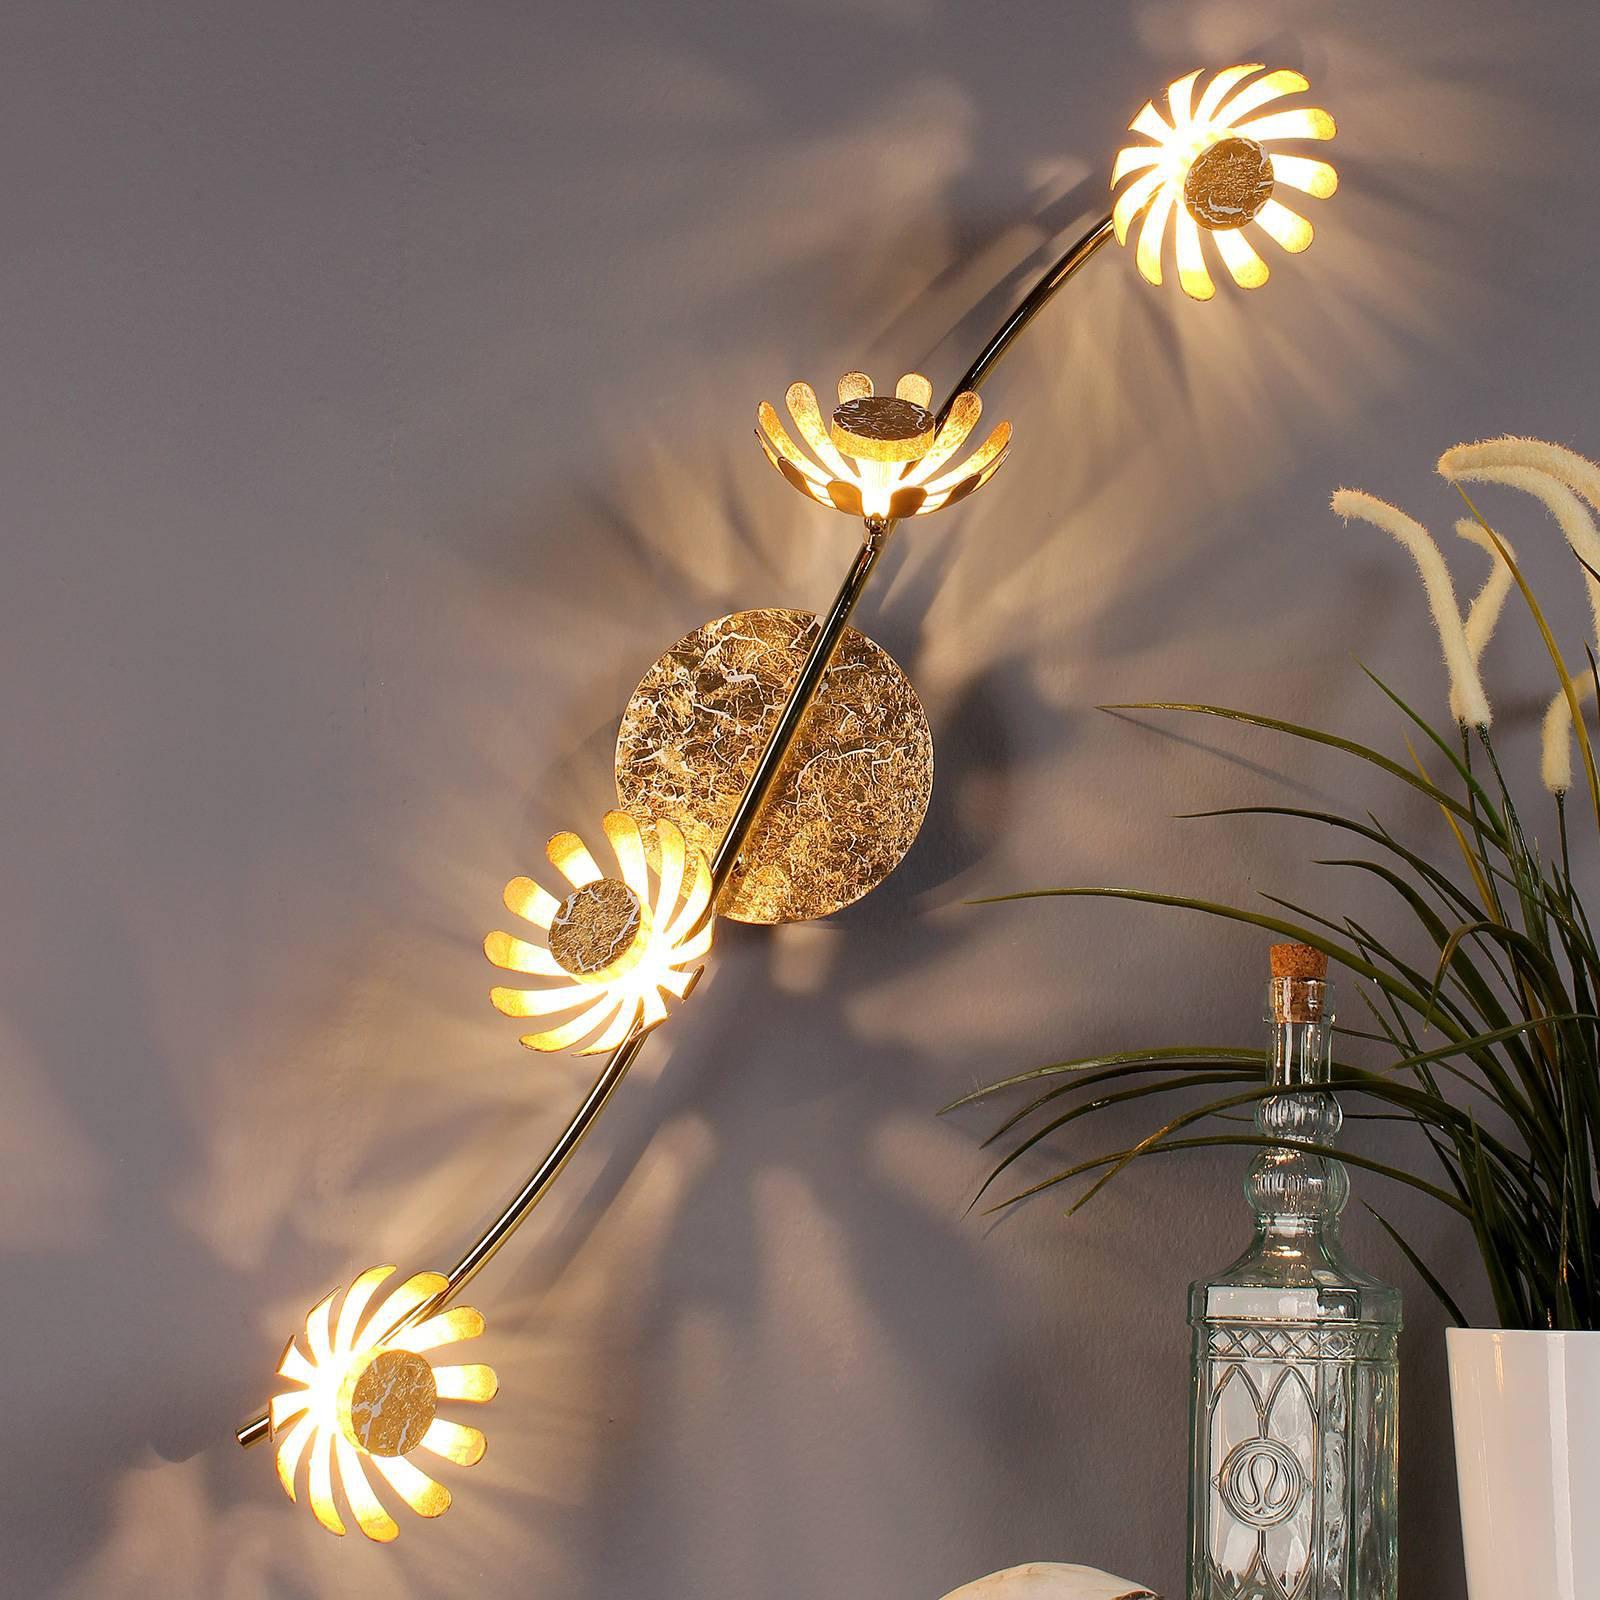 LED-taklampe Bloom 4 lyskilder gull